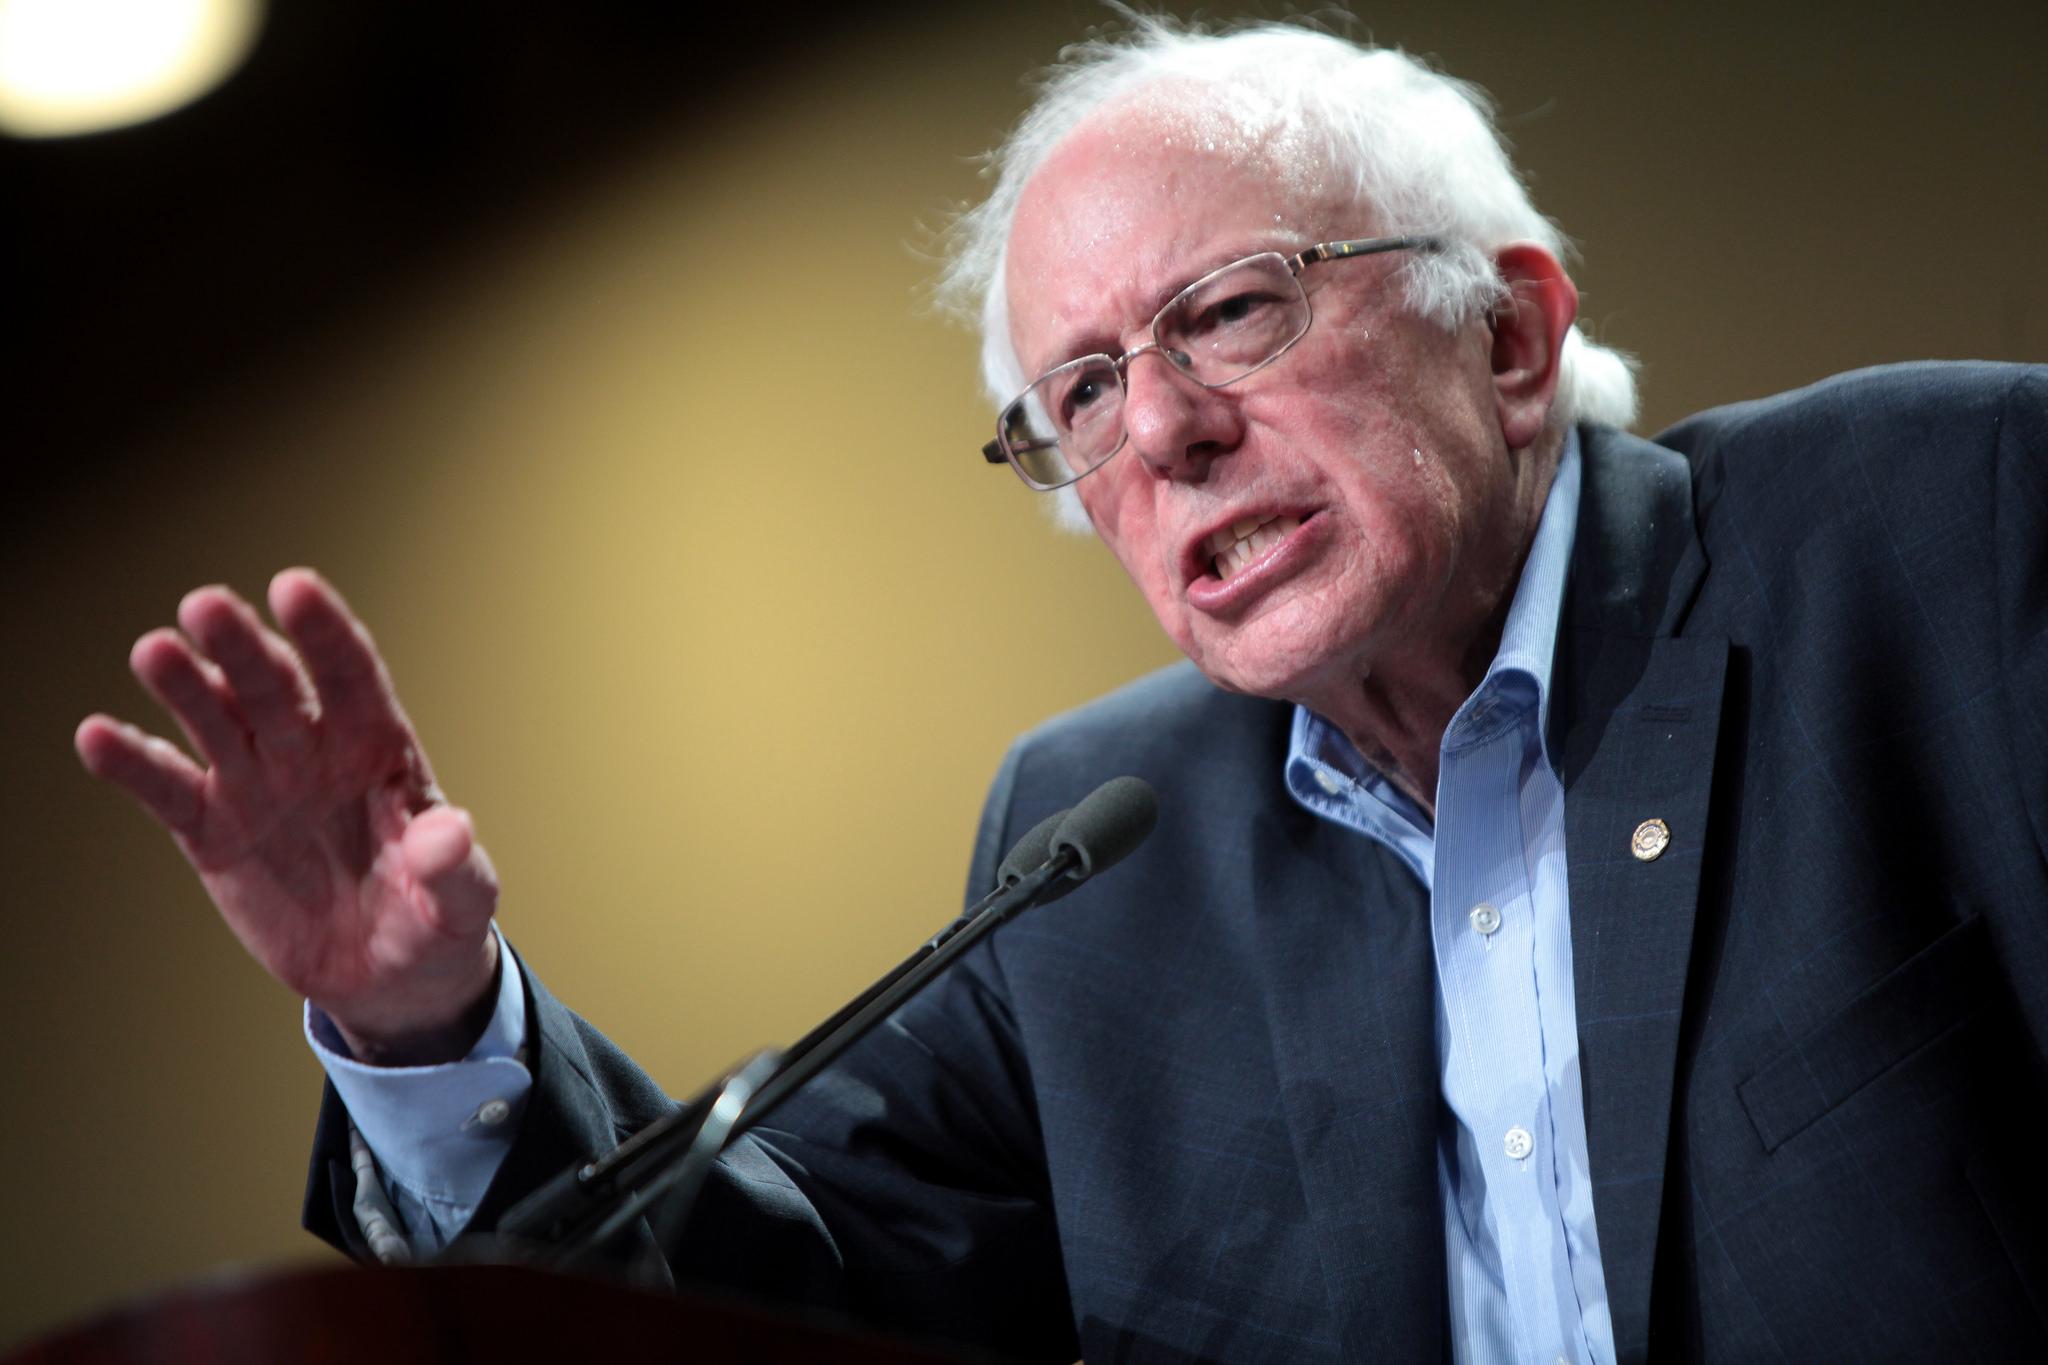 Bernie Sanders recauda 6 millones de dólares a sólo 24 horas de haber lanzado su campaña